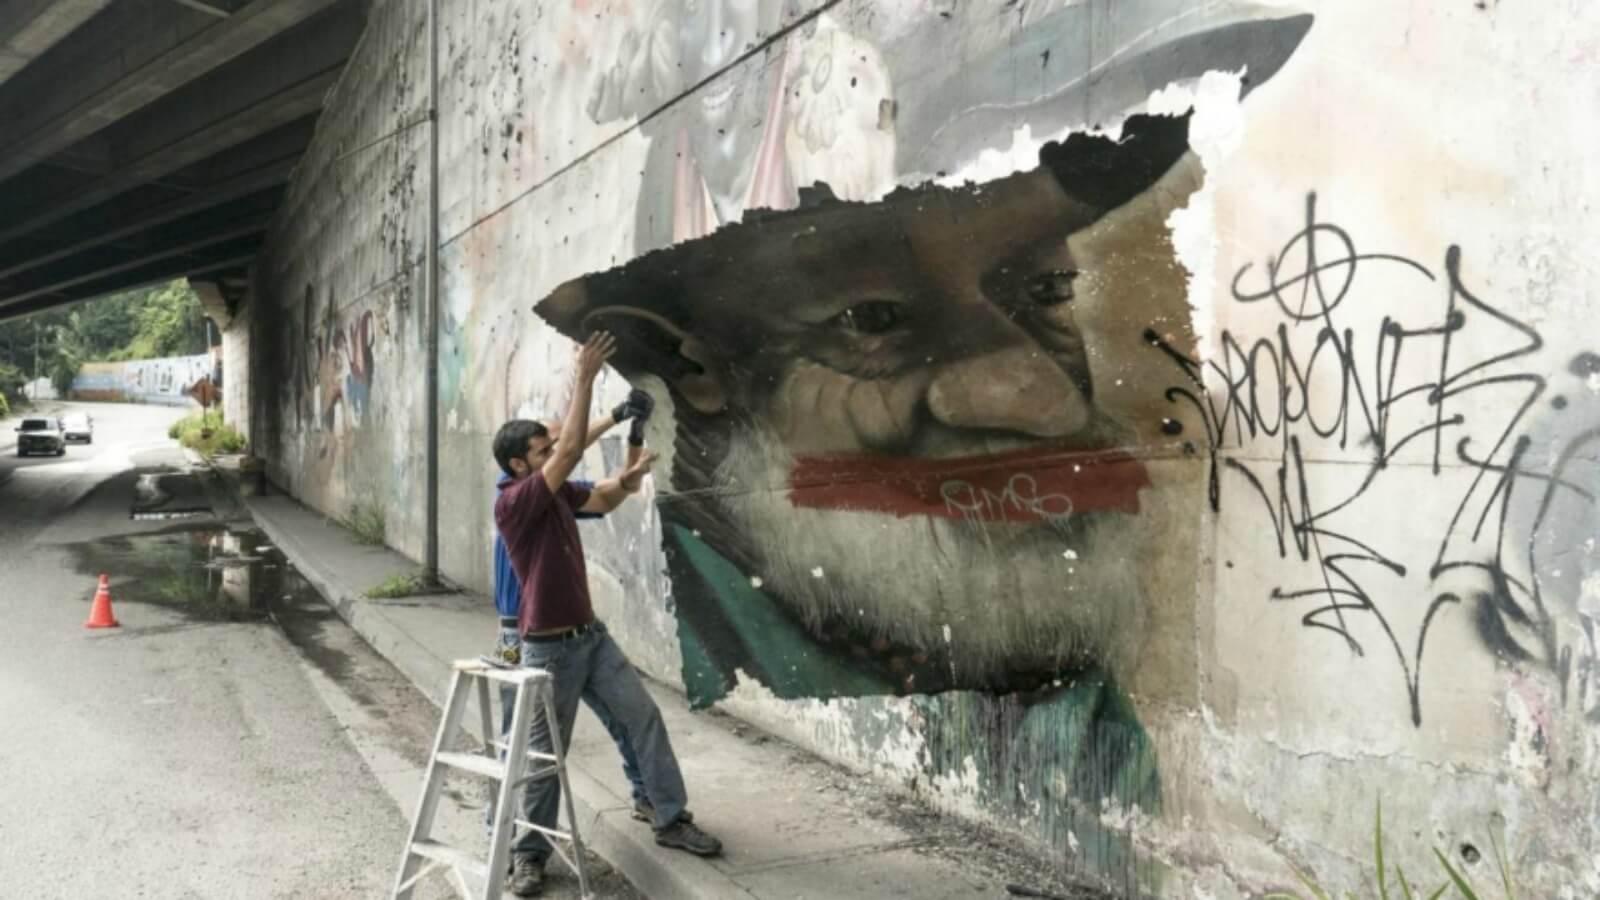 Artista se dedica a robar arte callejero para exhibirlo en galerías